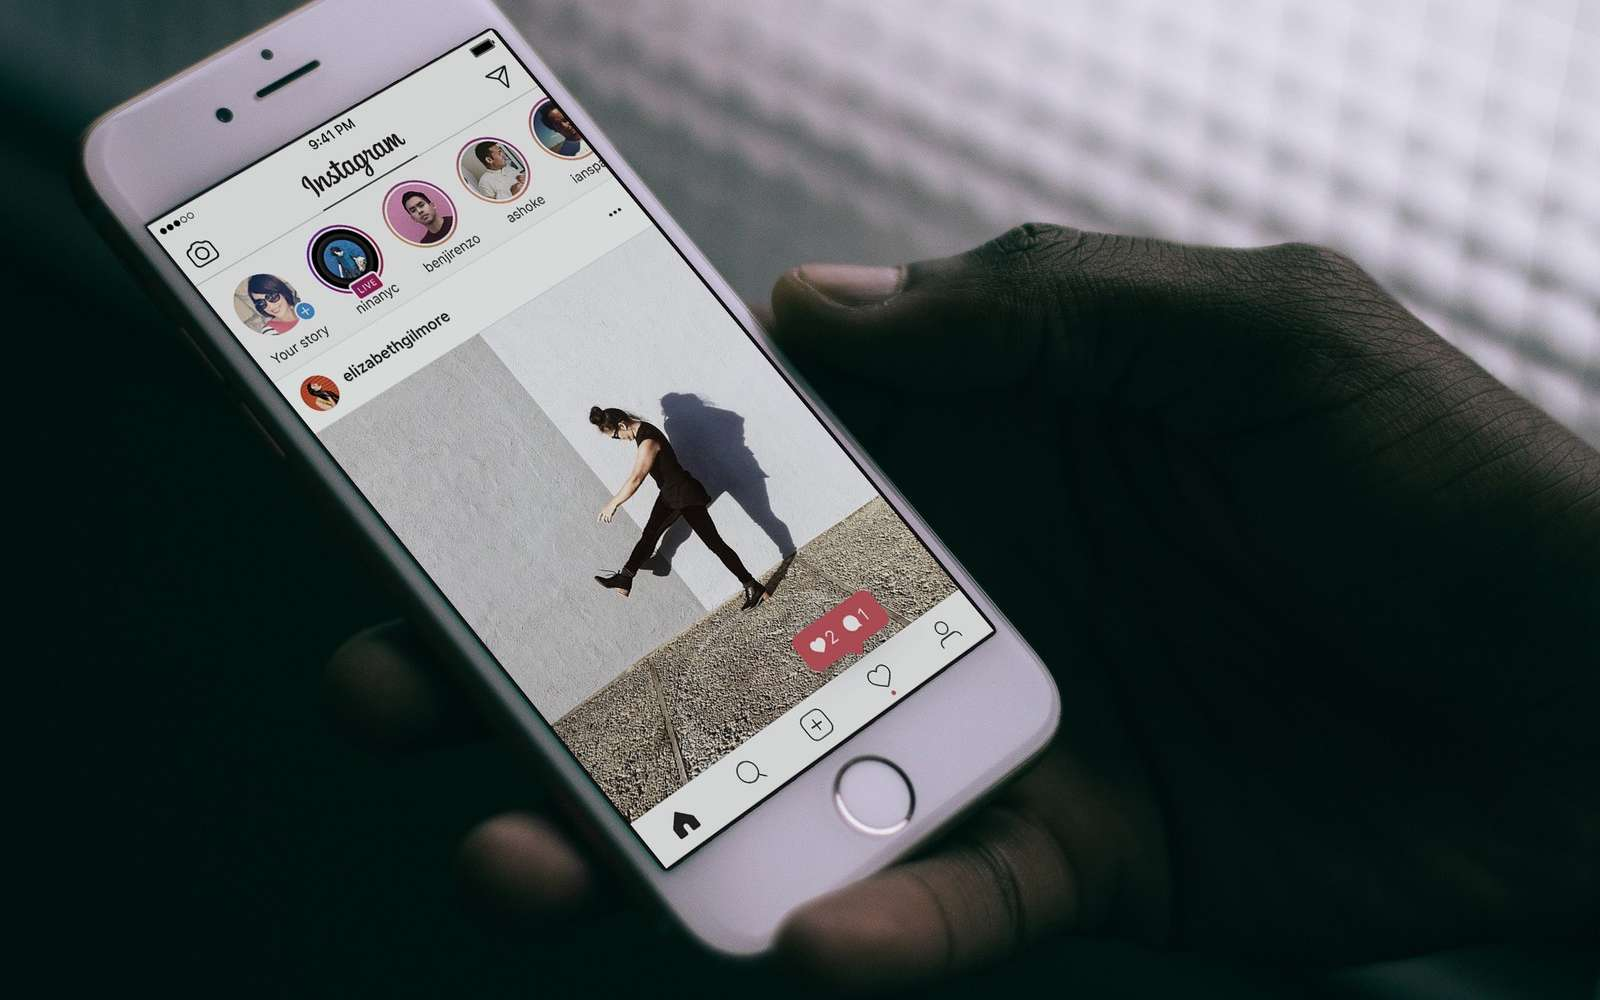 Futura vous explique comment bien débuter sur Instagram. © Imore.com